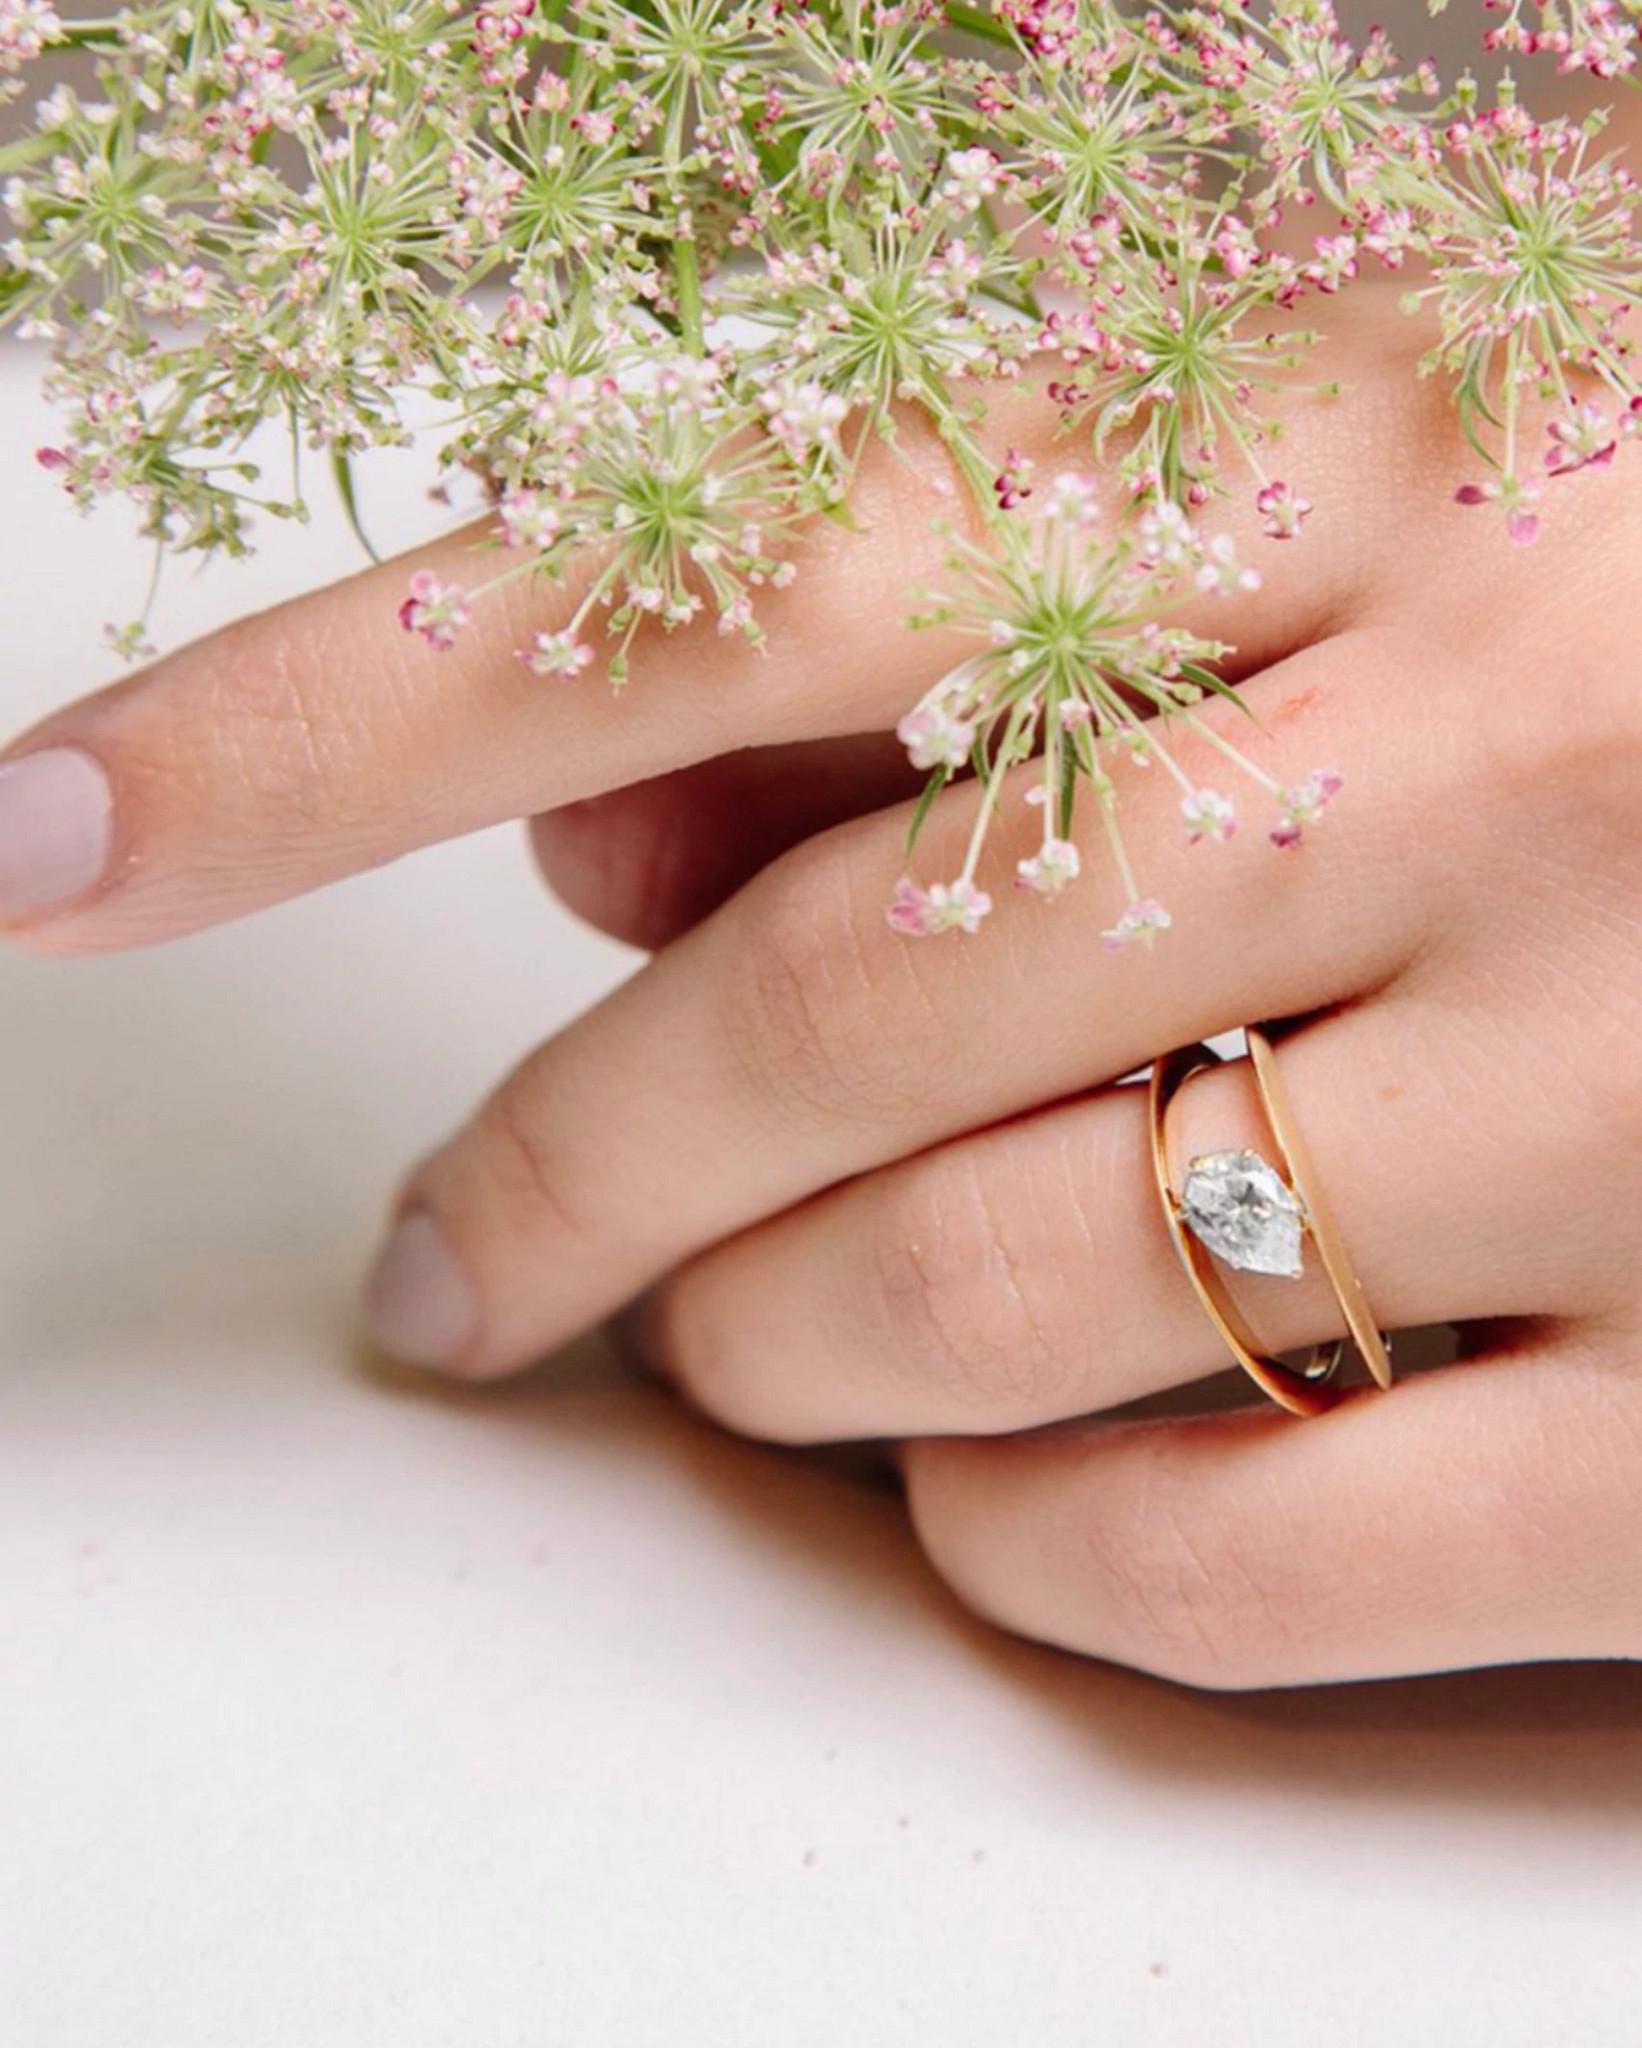 十月时装周的秋日风衣和天然钻石戒指